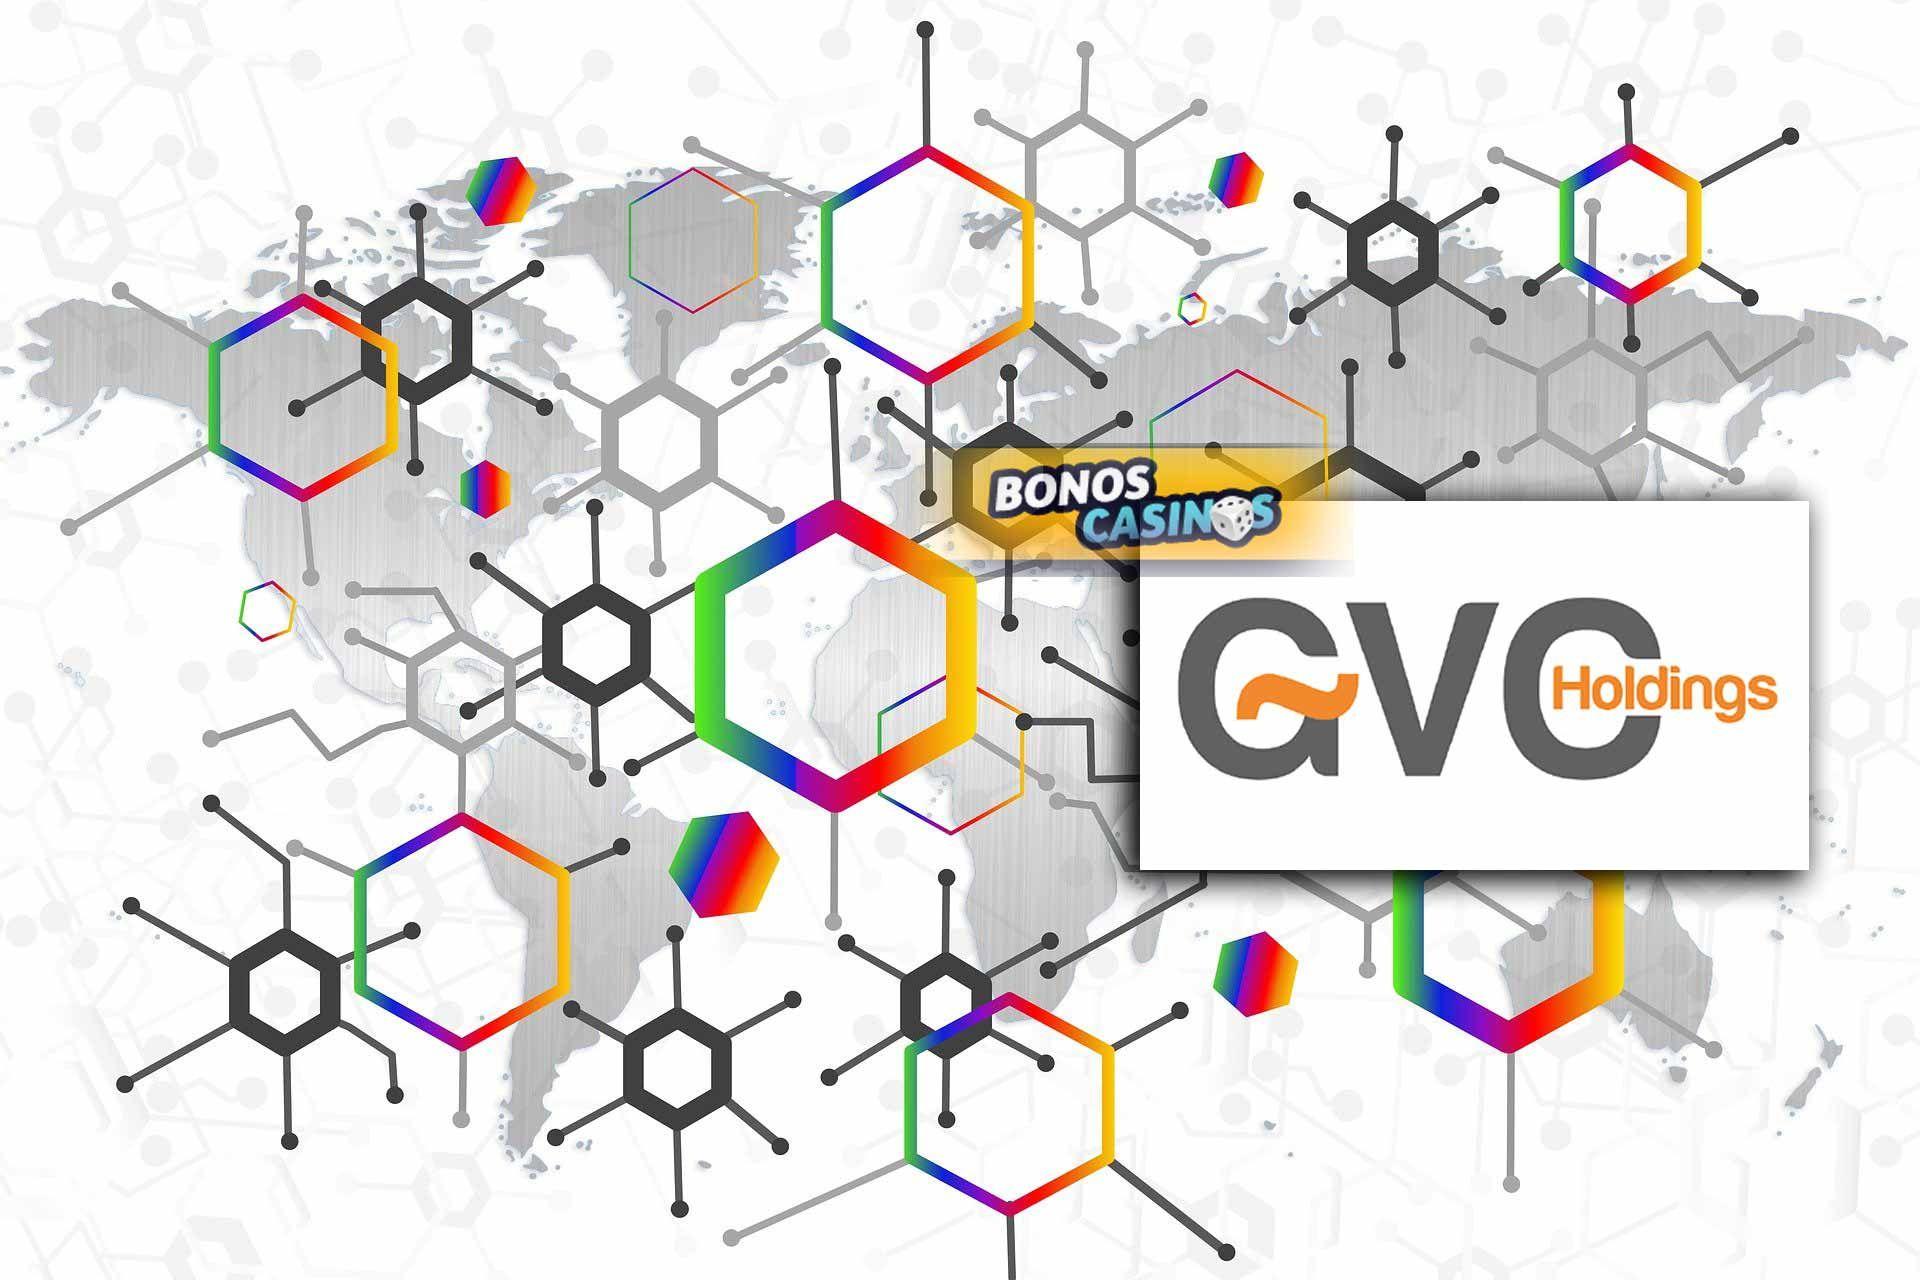 logo de GVC Holdings sale de mercados ilegales